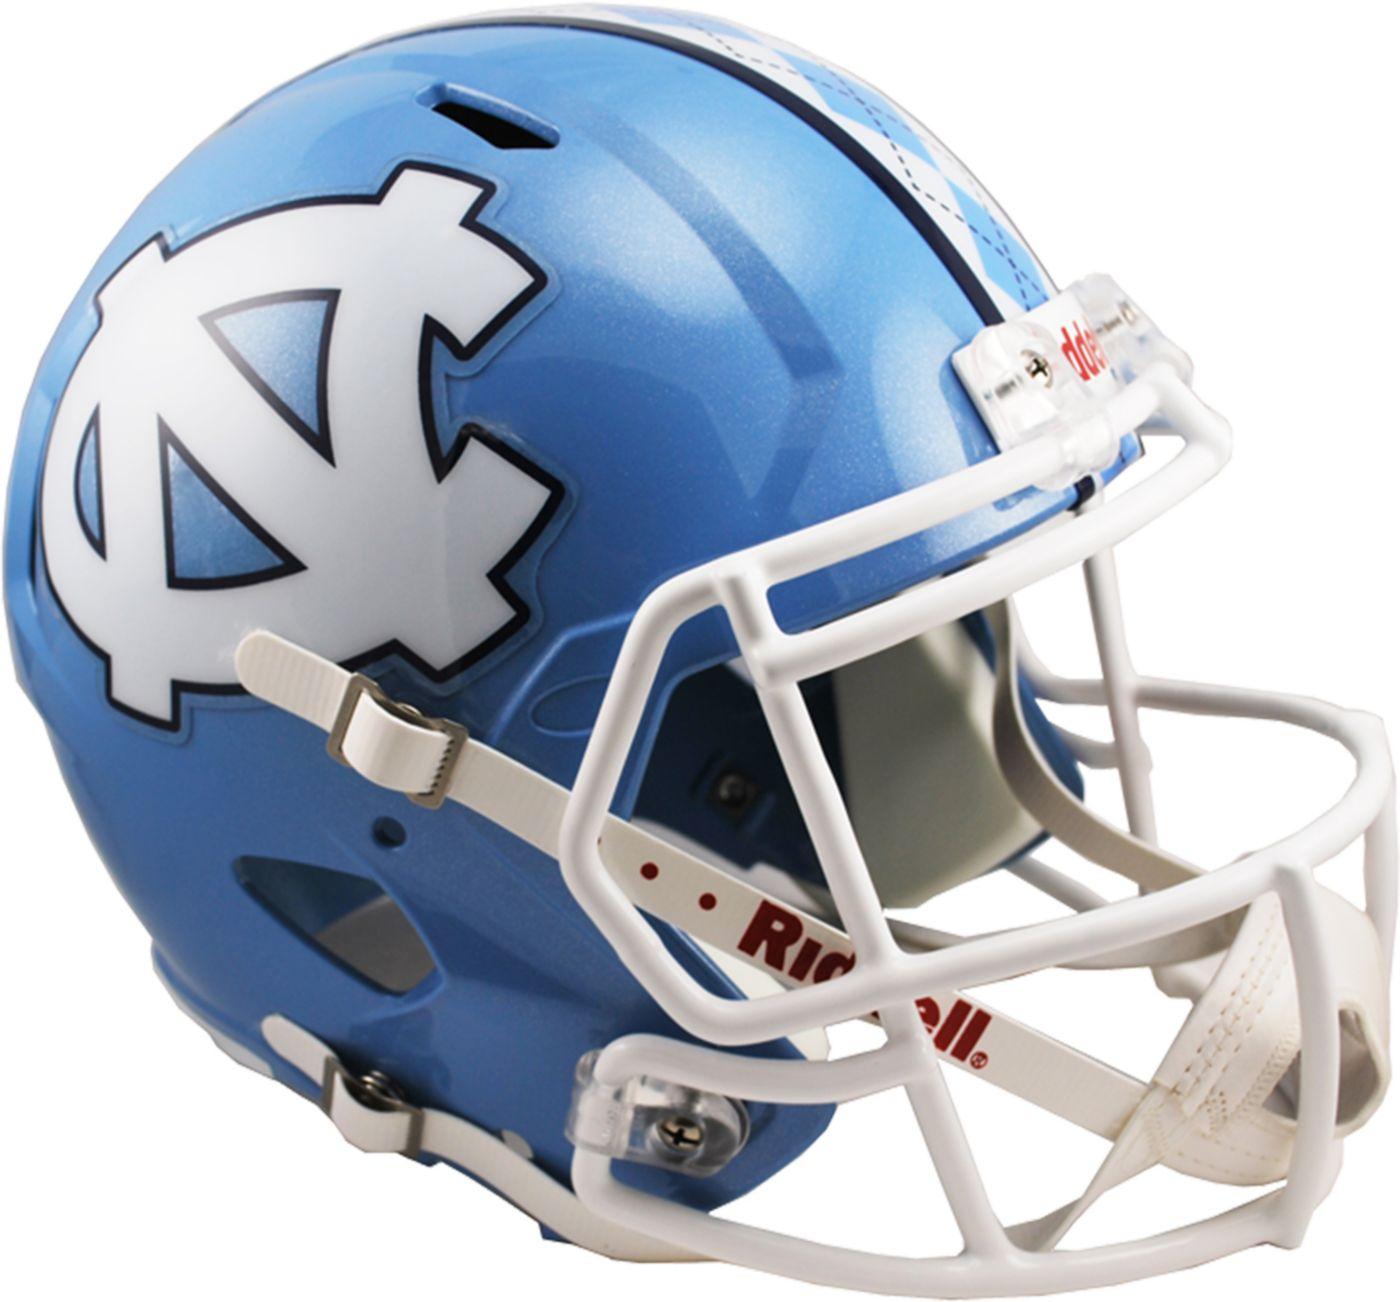 Riddell North Carolina Tar Heels 2015 Speed Replica Full-Size Helmet